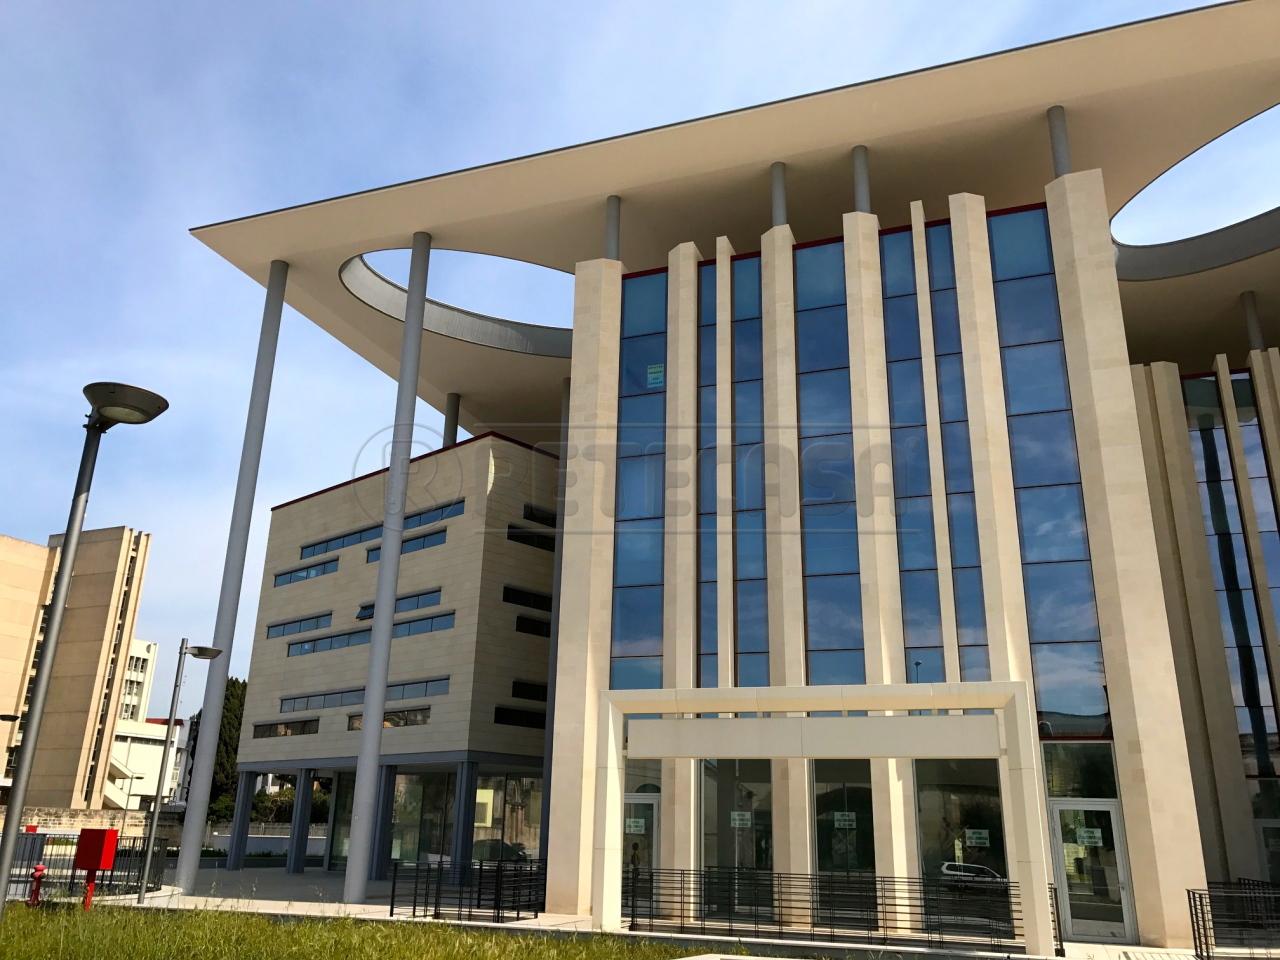 Ufficio diviso in ambienti/locali in vendita - 50 mq